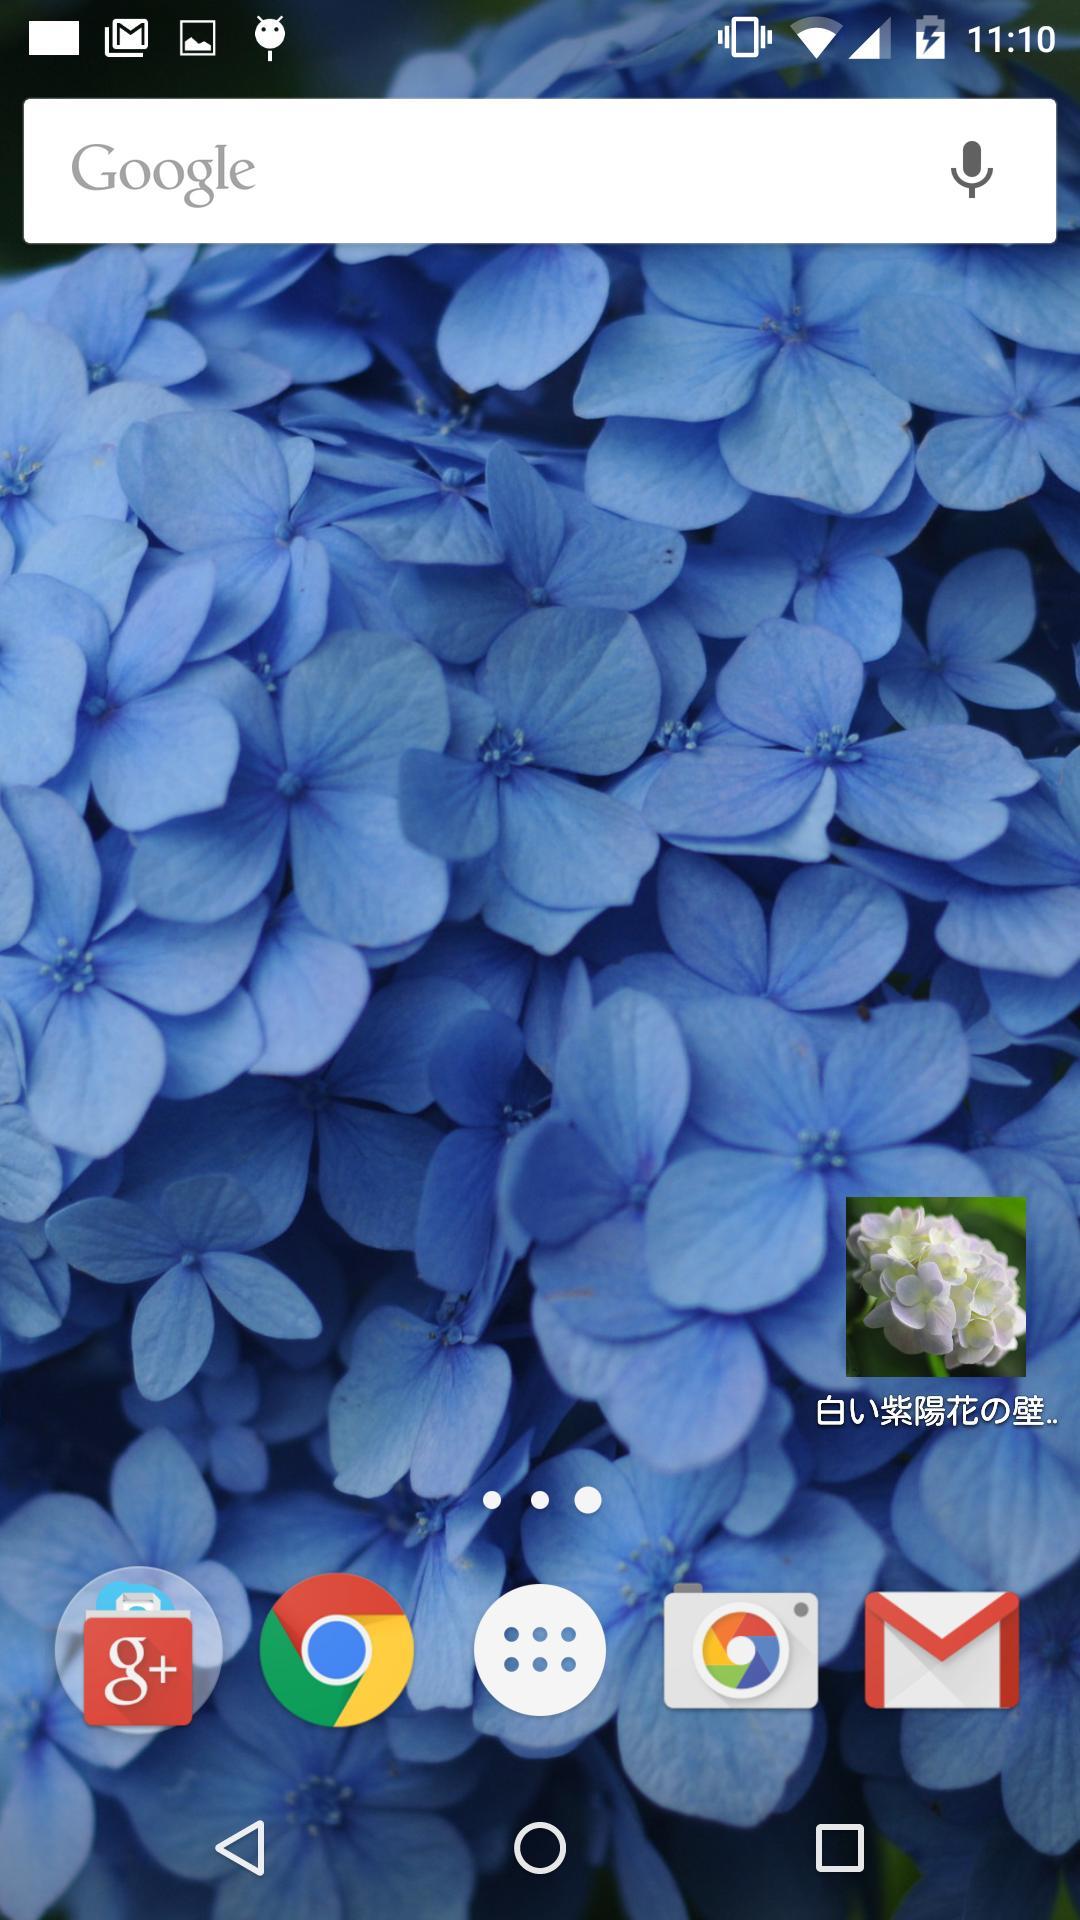 青色や水色の紫陽花の壁紙 無料版 Free Fur Android Apk Herunterladen